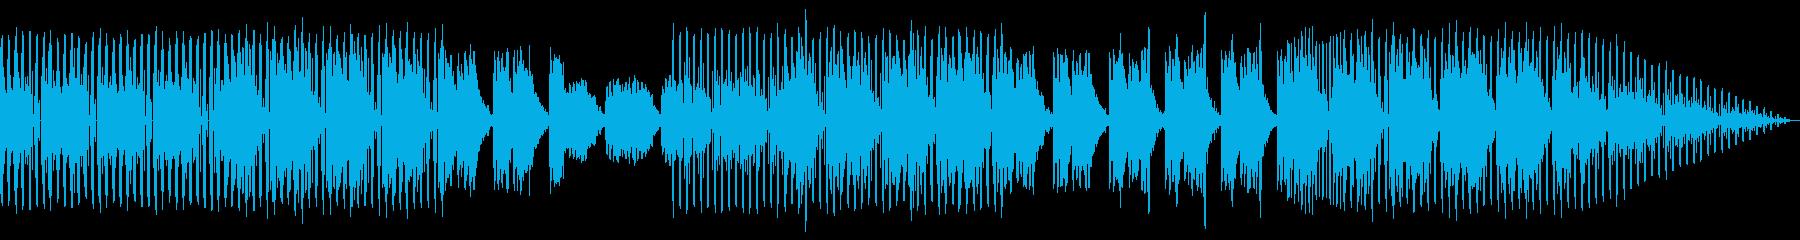 フレンチハウス。ファンキーの再生済みの波形